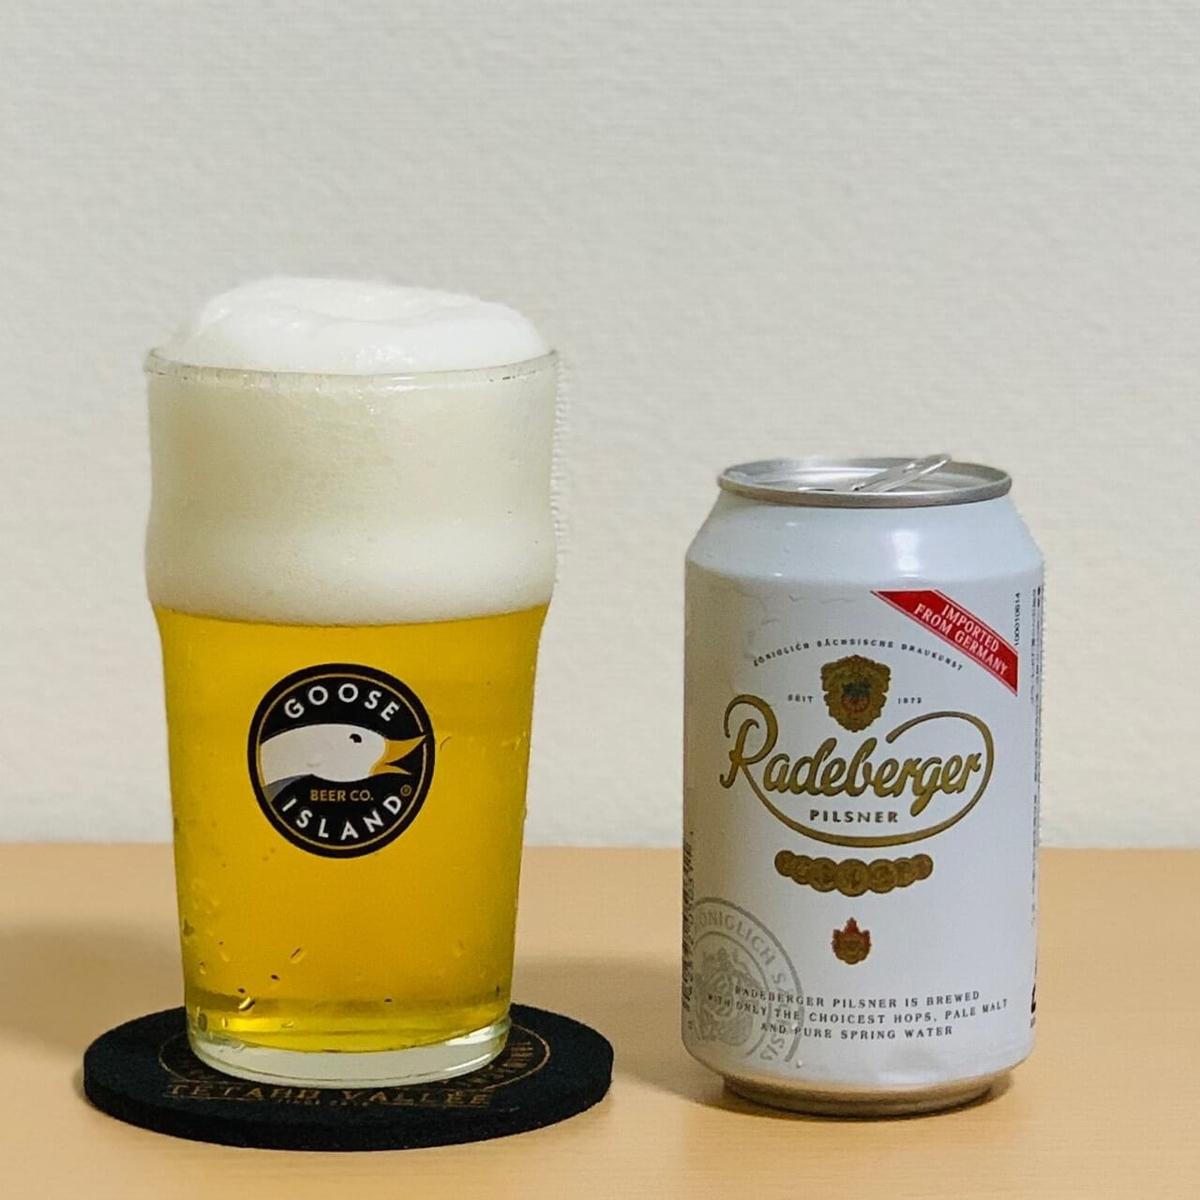 ドイツビールのピルスナー ラーデベルガー